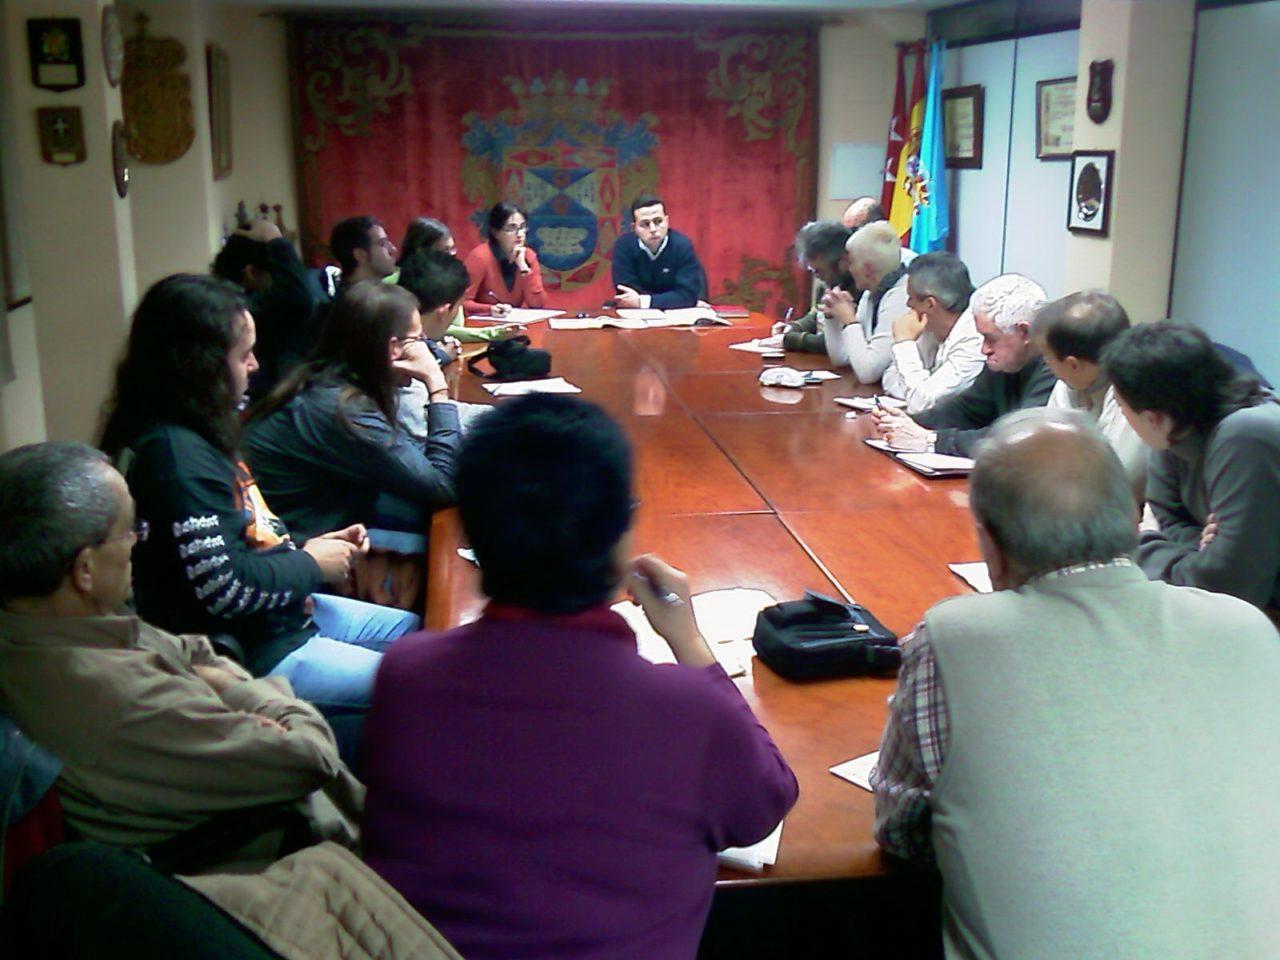 La Federación Vecinal de Leganés pide la modificación de la Ordenanza por el Civismo